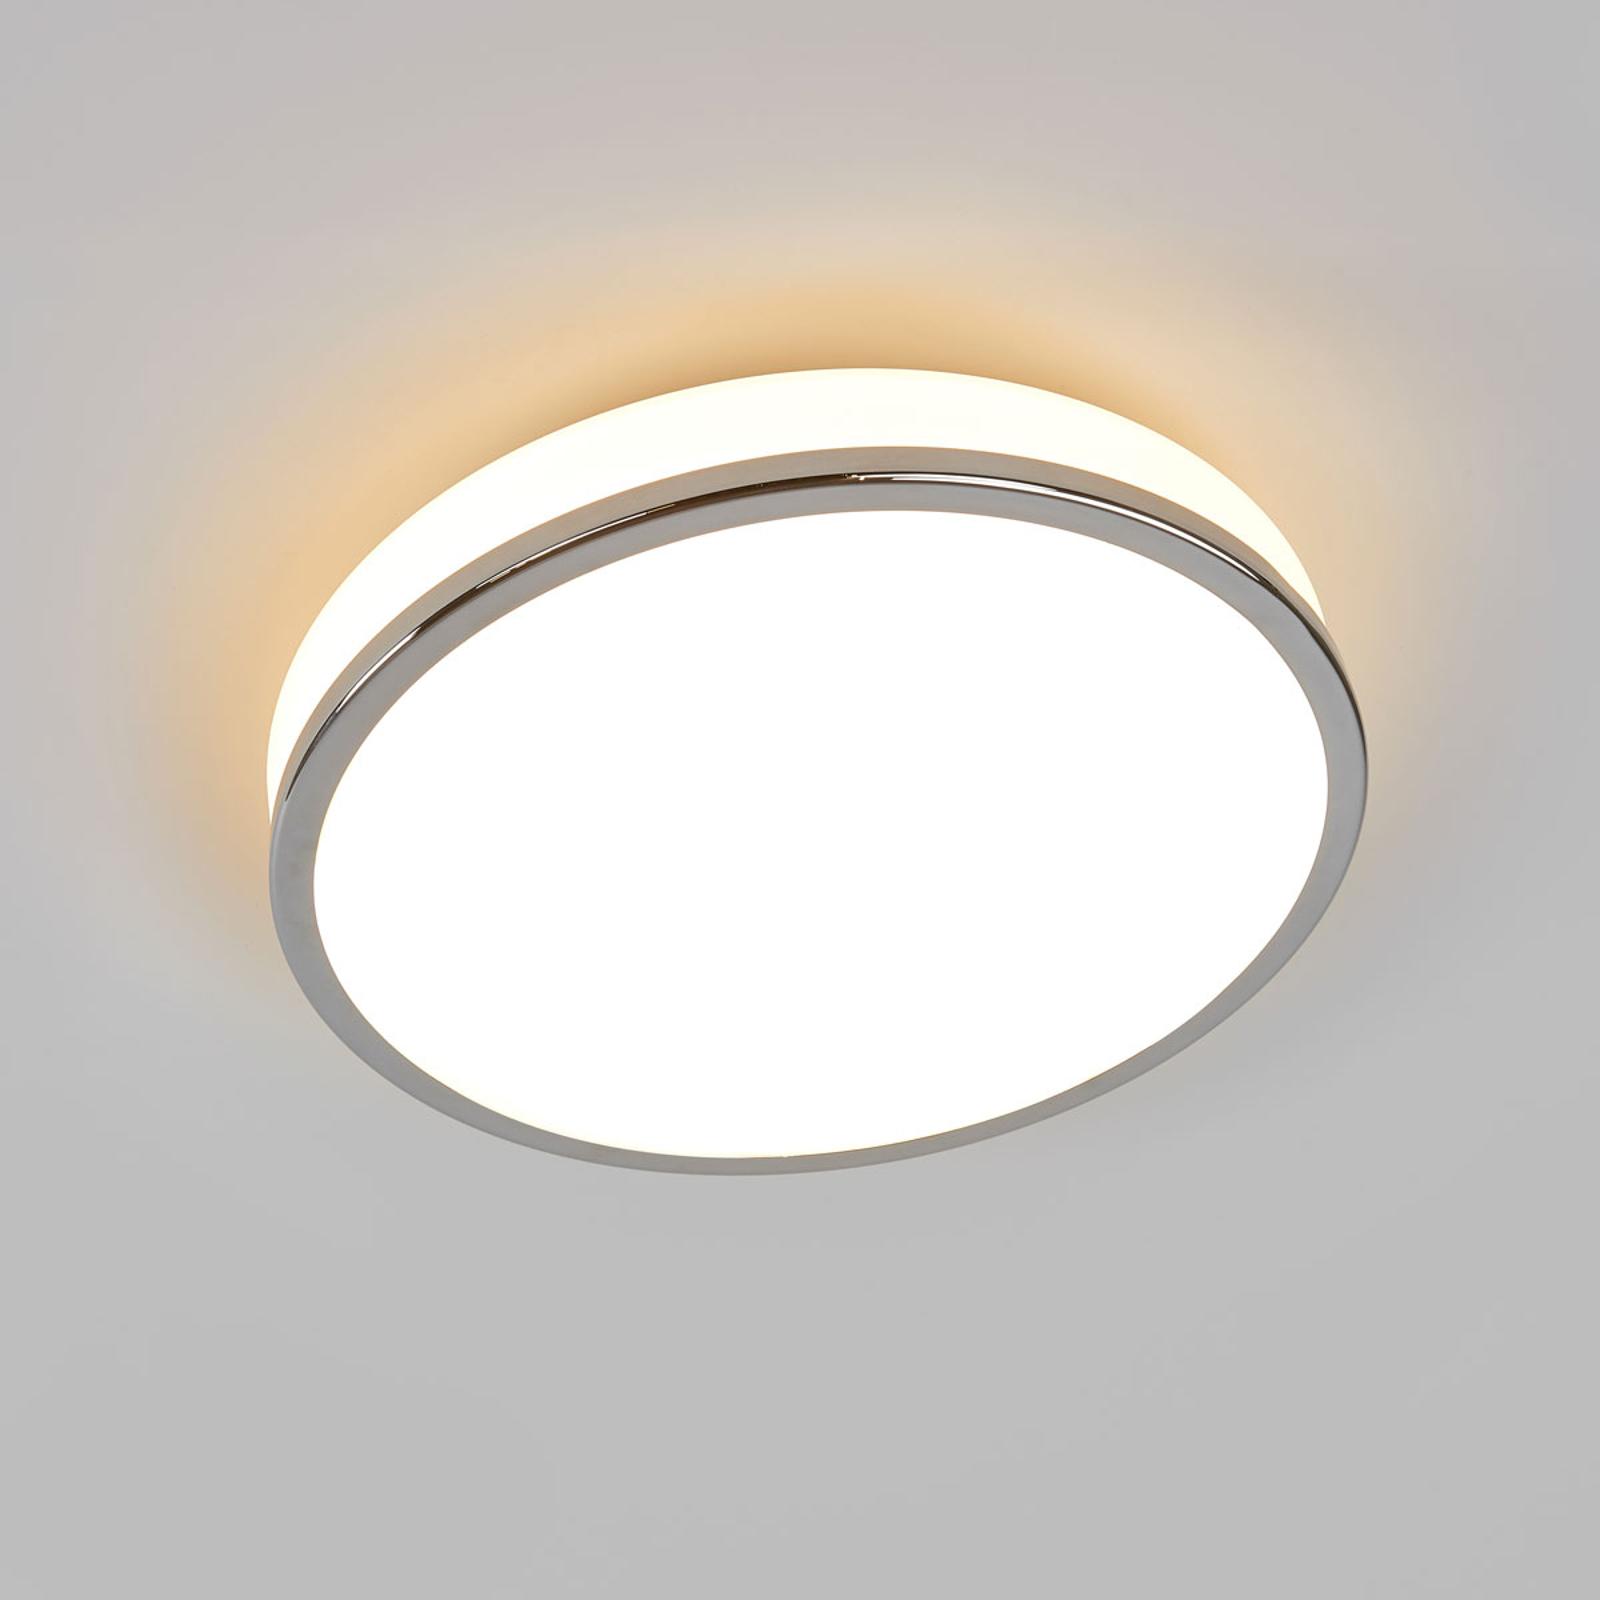 Pyöreä LED-kattolamppu Lyss kromireunuksella, IP44